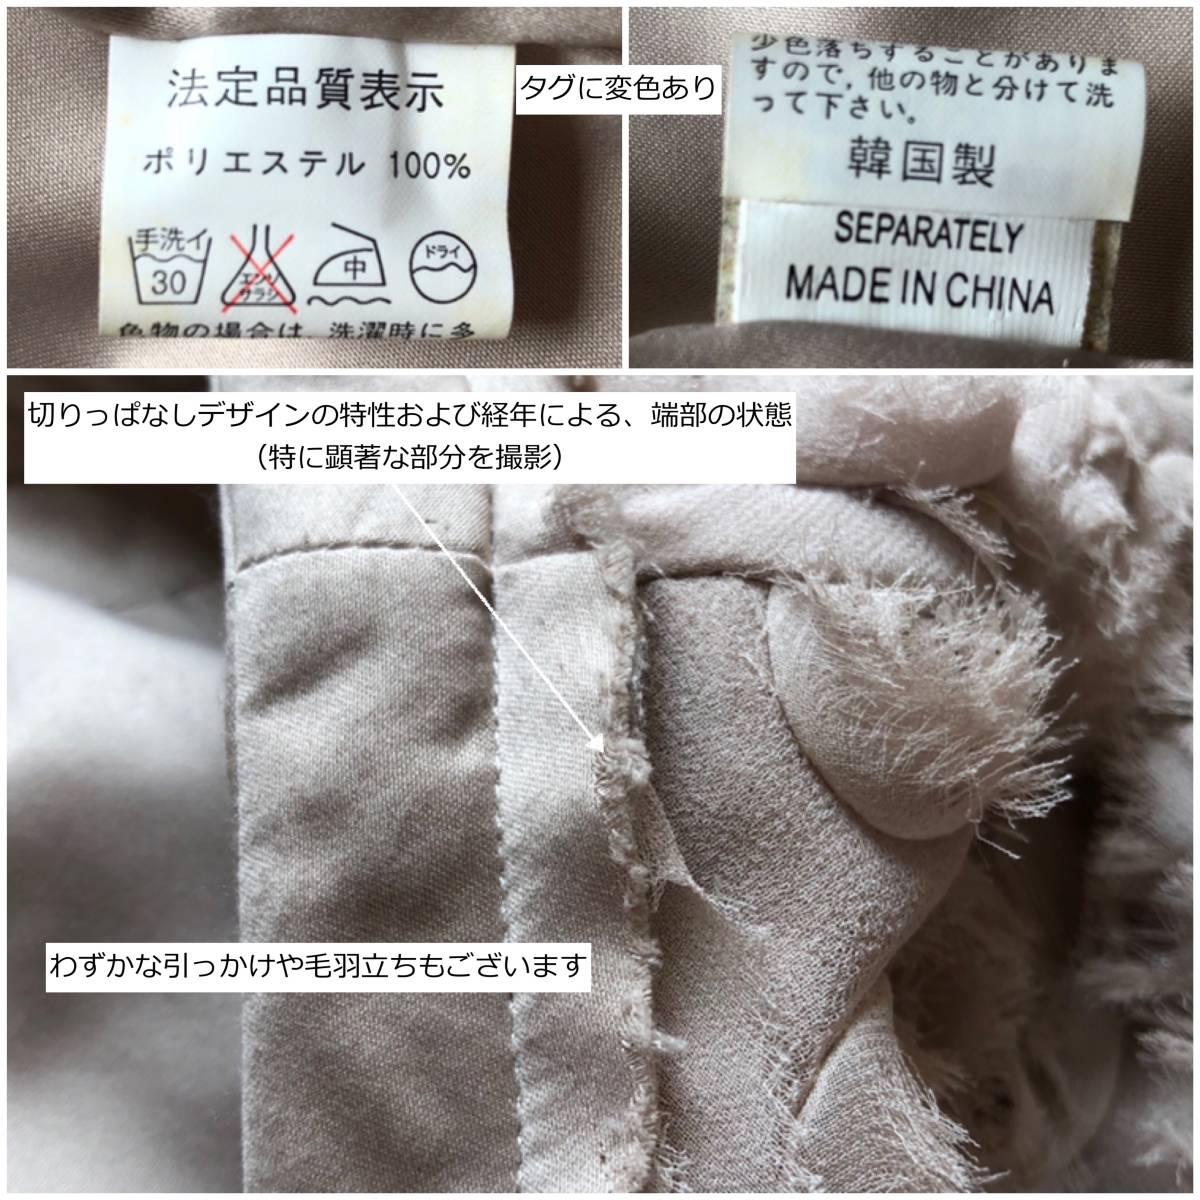 ピンクベージュ ノーカラージャケット ショート丈 S-Mの方に ローズ薔薇いっぱい *上品フェミニンお呼ばれボレロ好き 難ありリメイク素材_画像10